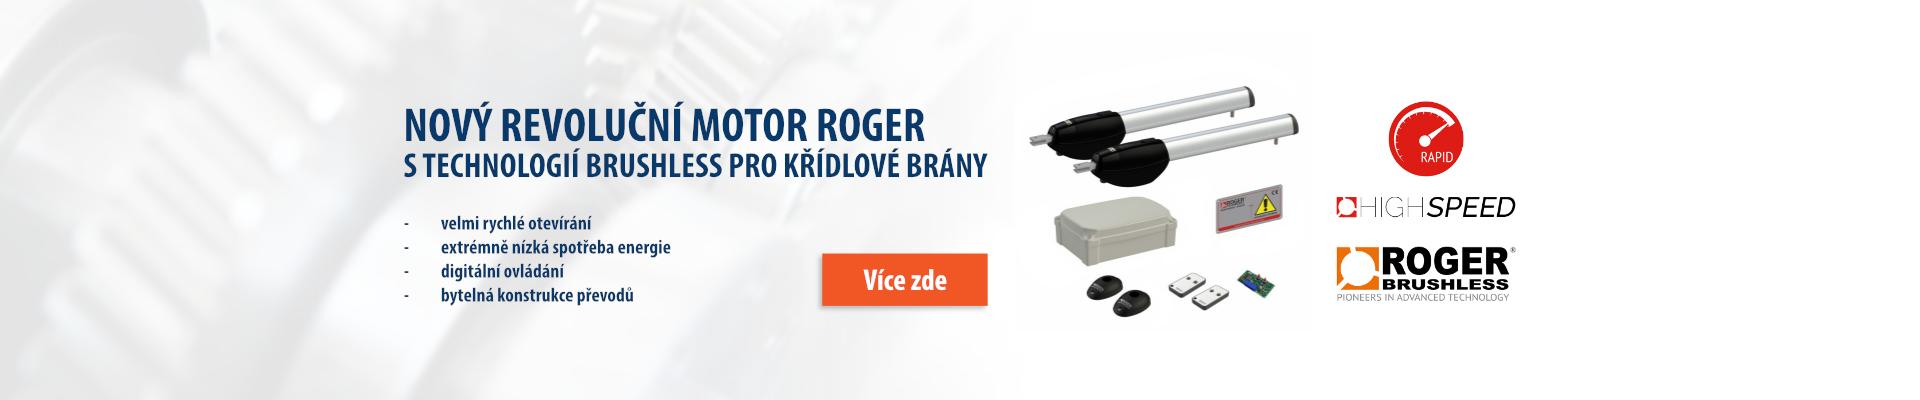 Banner - banner_nove_motory_roger_kridlove_brany-1558070402.png